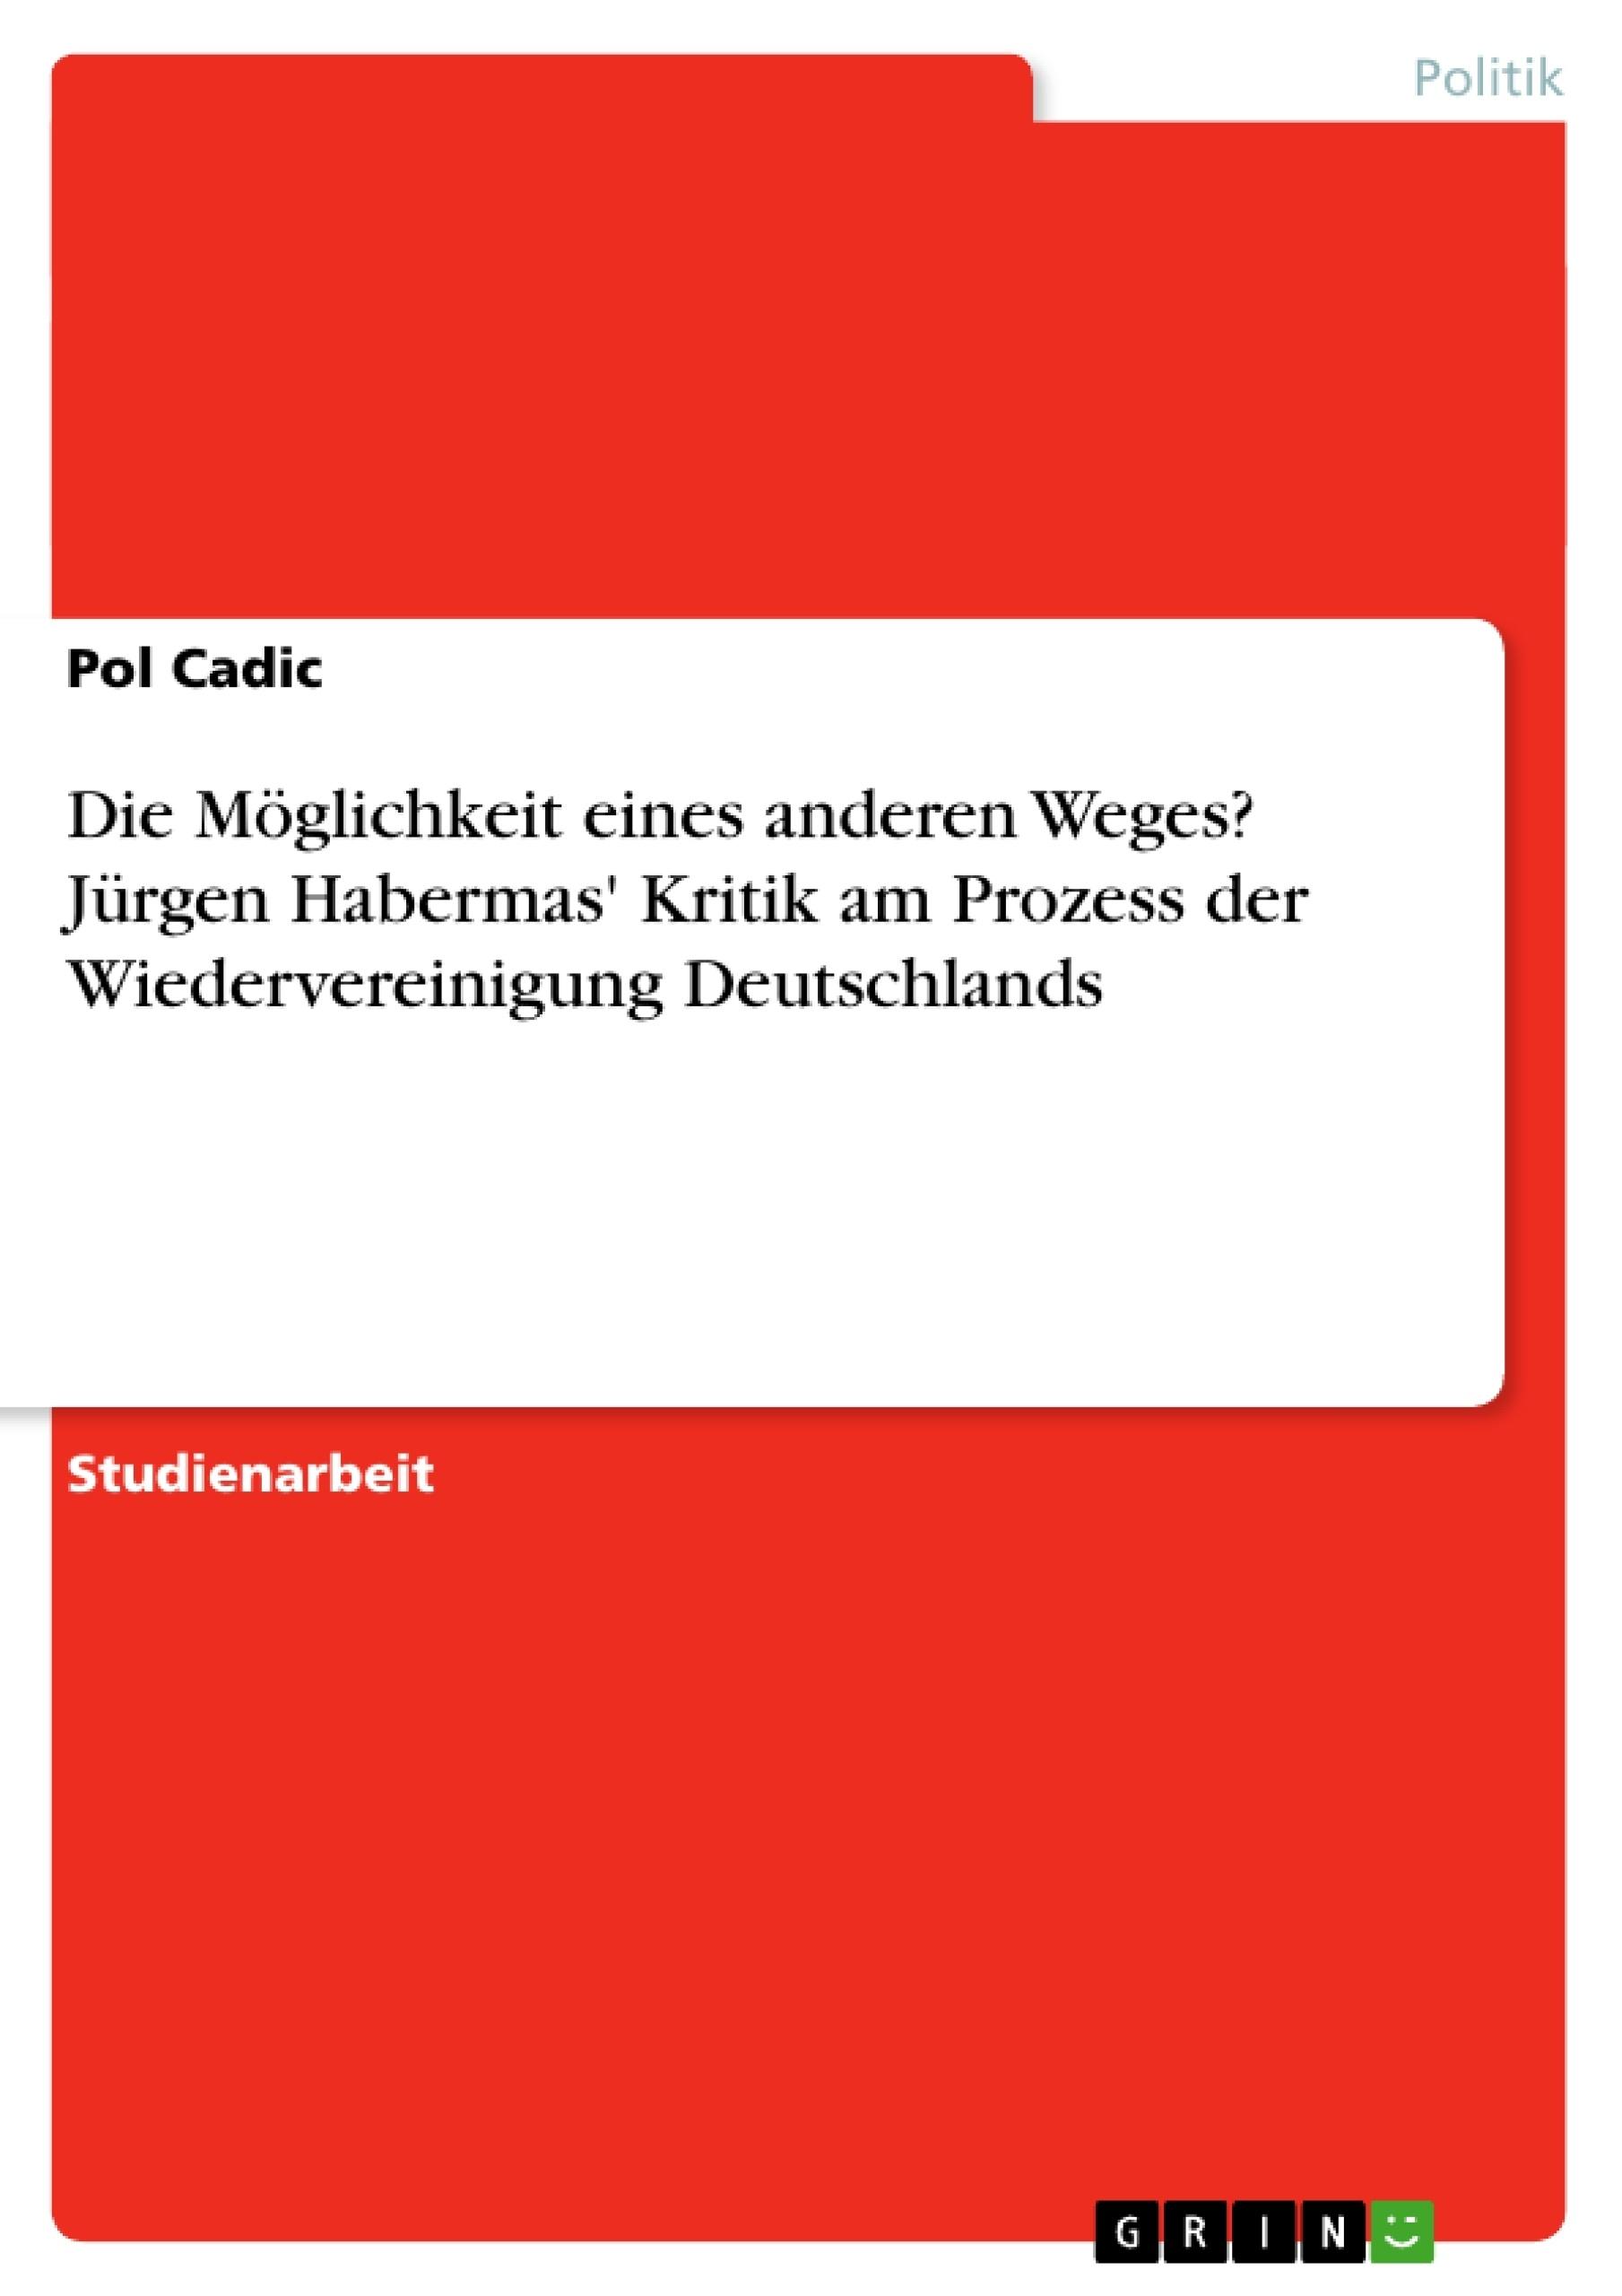 Titel: Die Möglichkeit eines anderen Weges? Jürgen Habermas' Kritik am Prozess der Wiedervereinigung Deutschlands